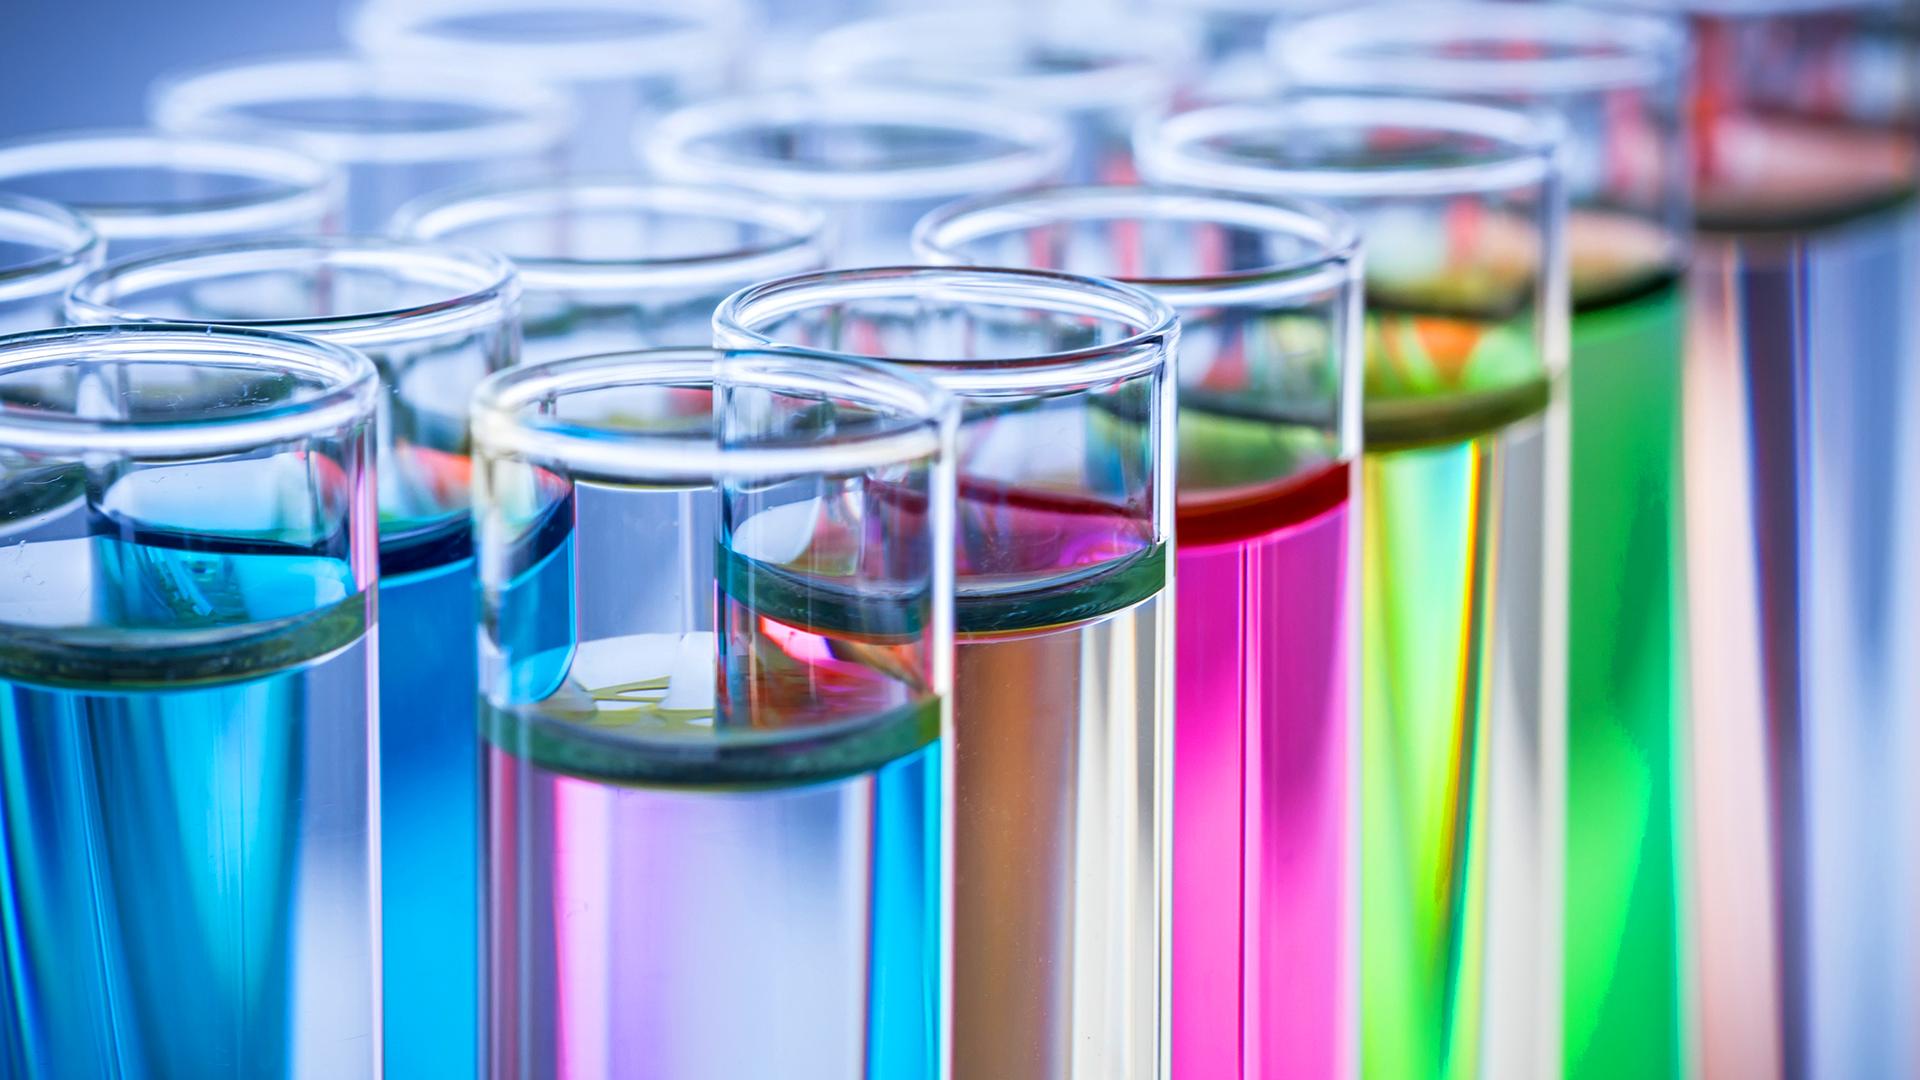 Laboratoriopulloja, joissa värikkäitä nesteitä.